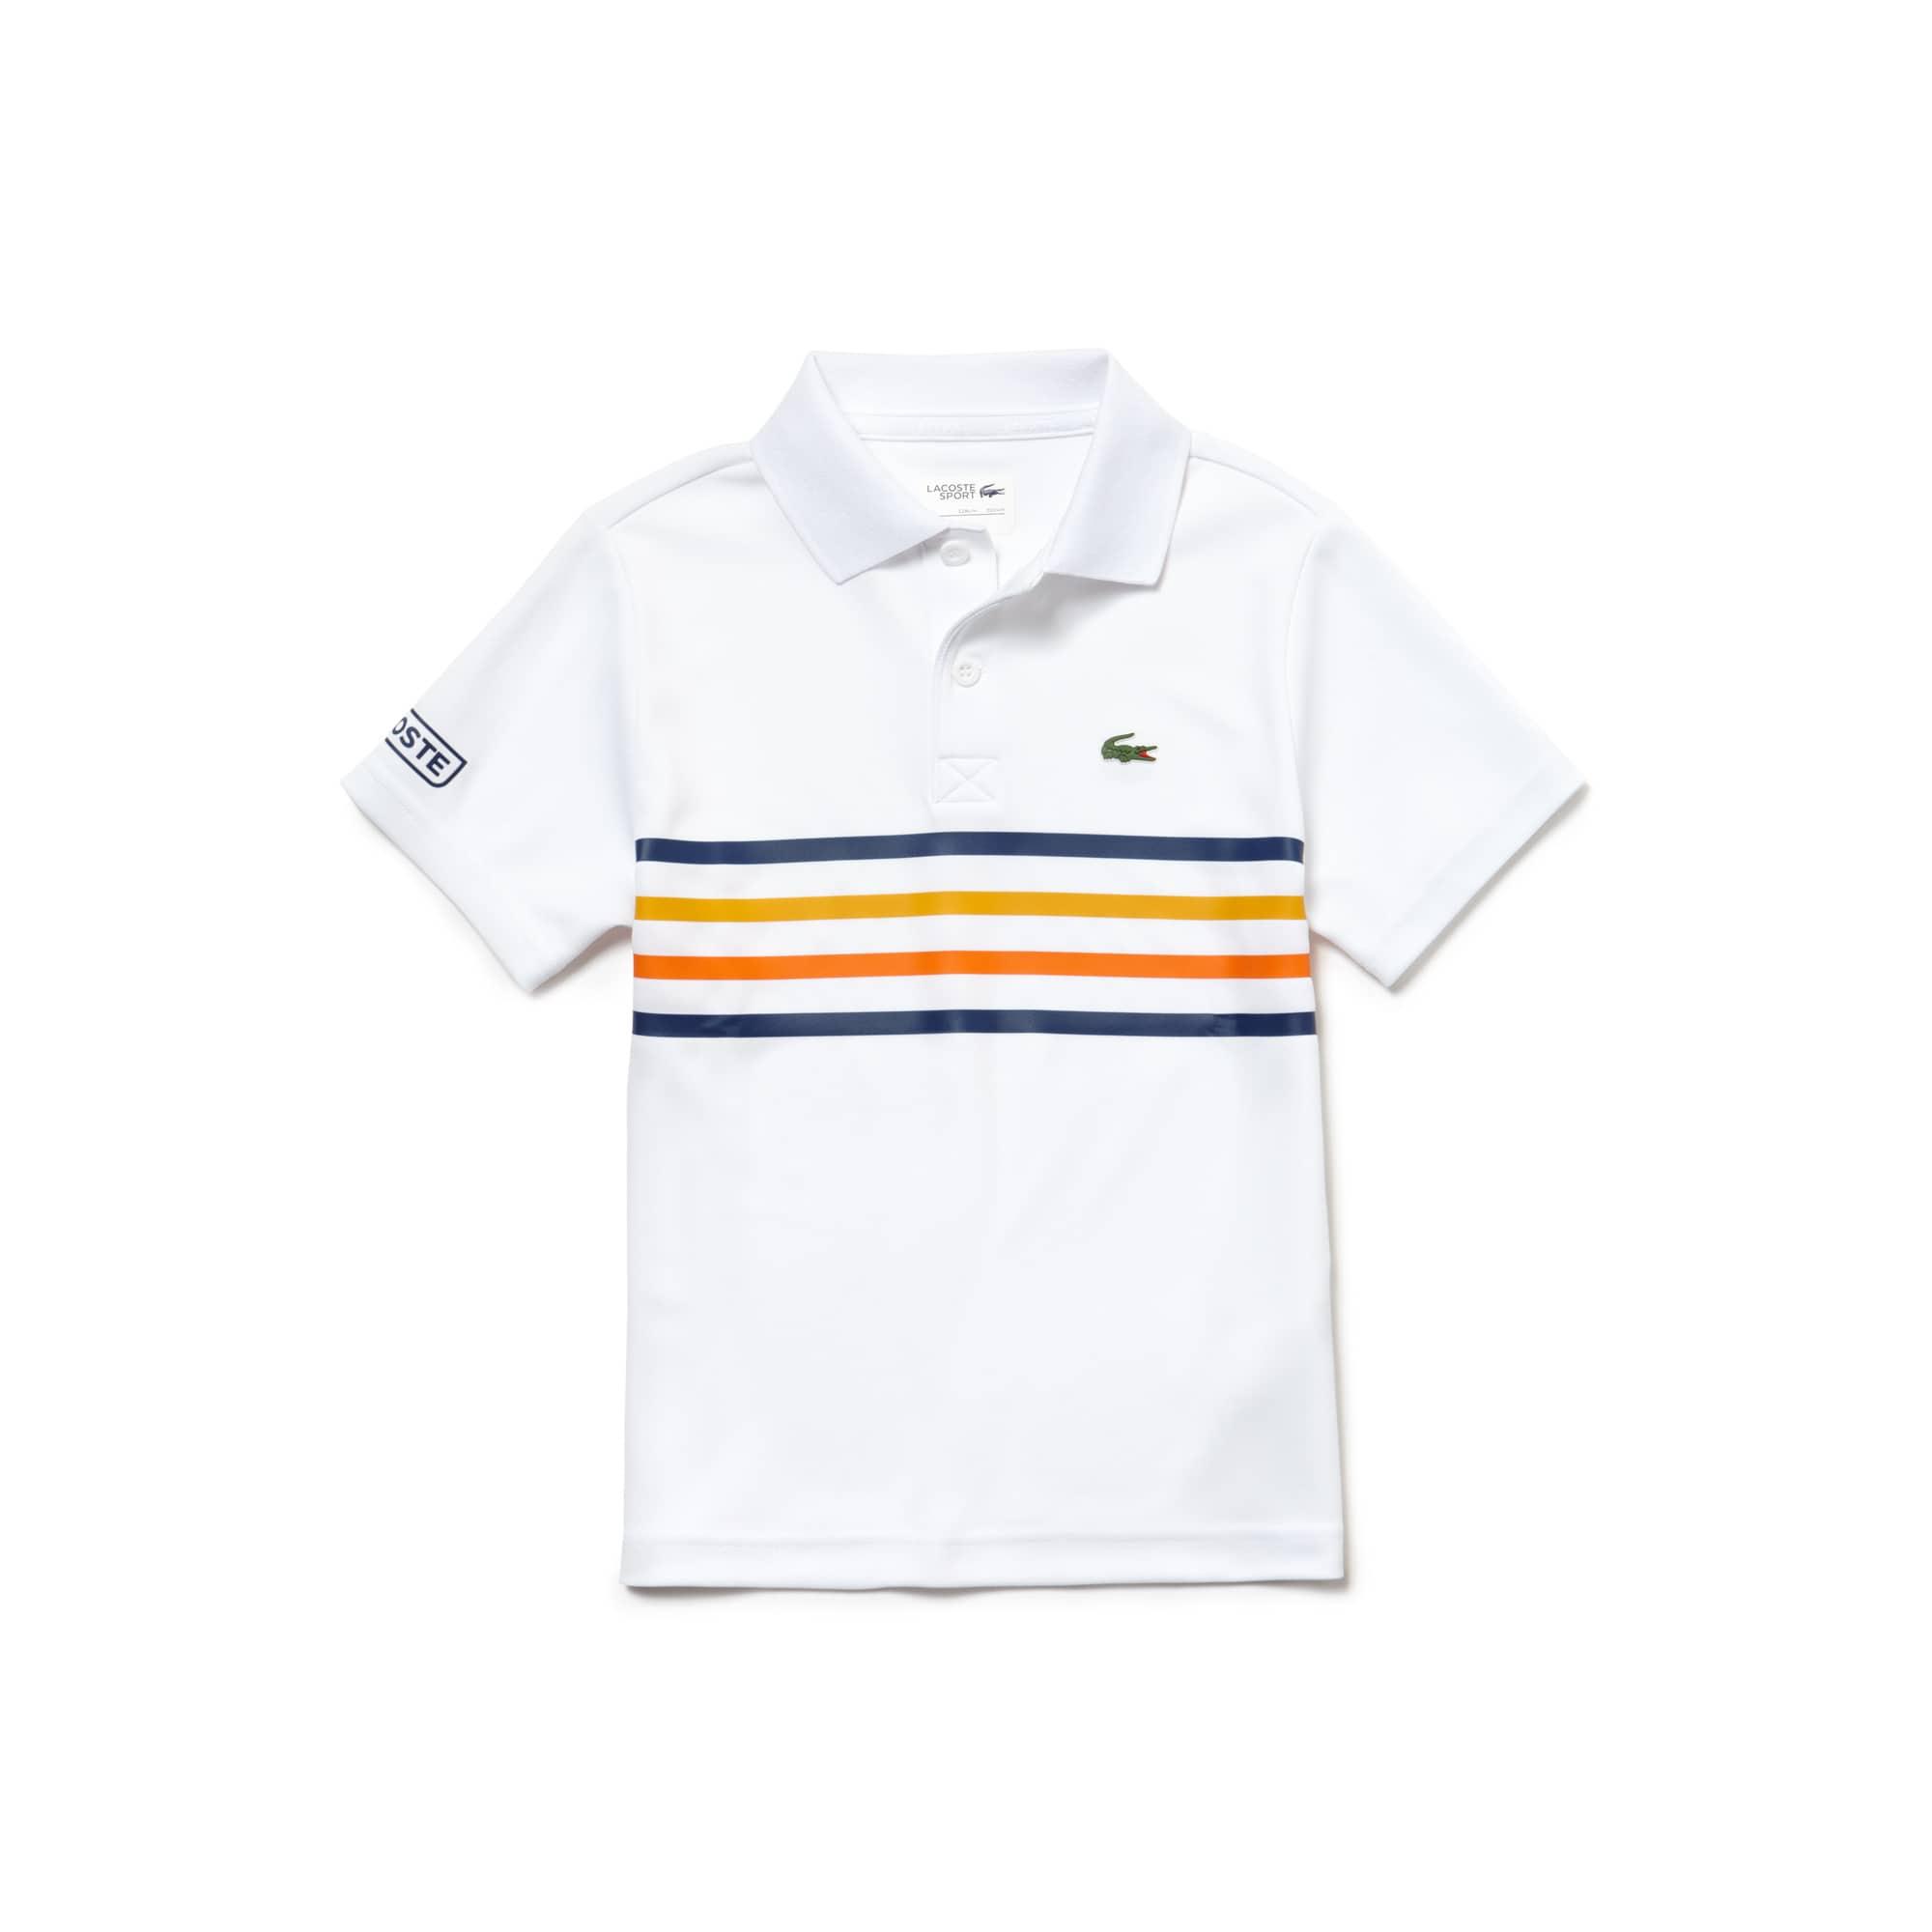 Boys' Lacoste SPORT Colored Bands Tech Piqué Tennis Polo